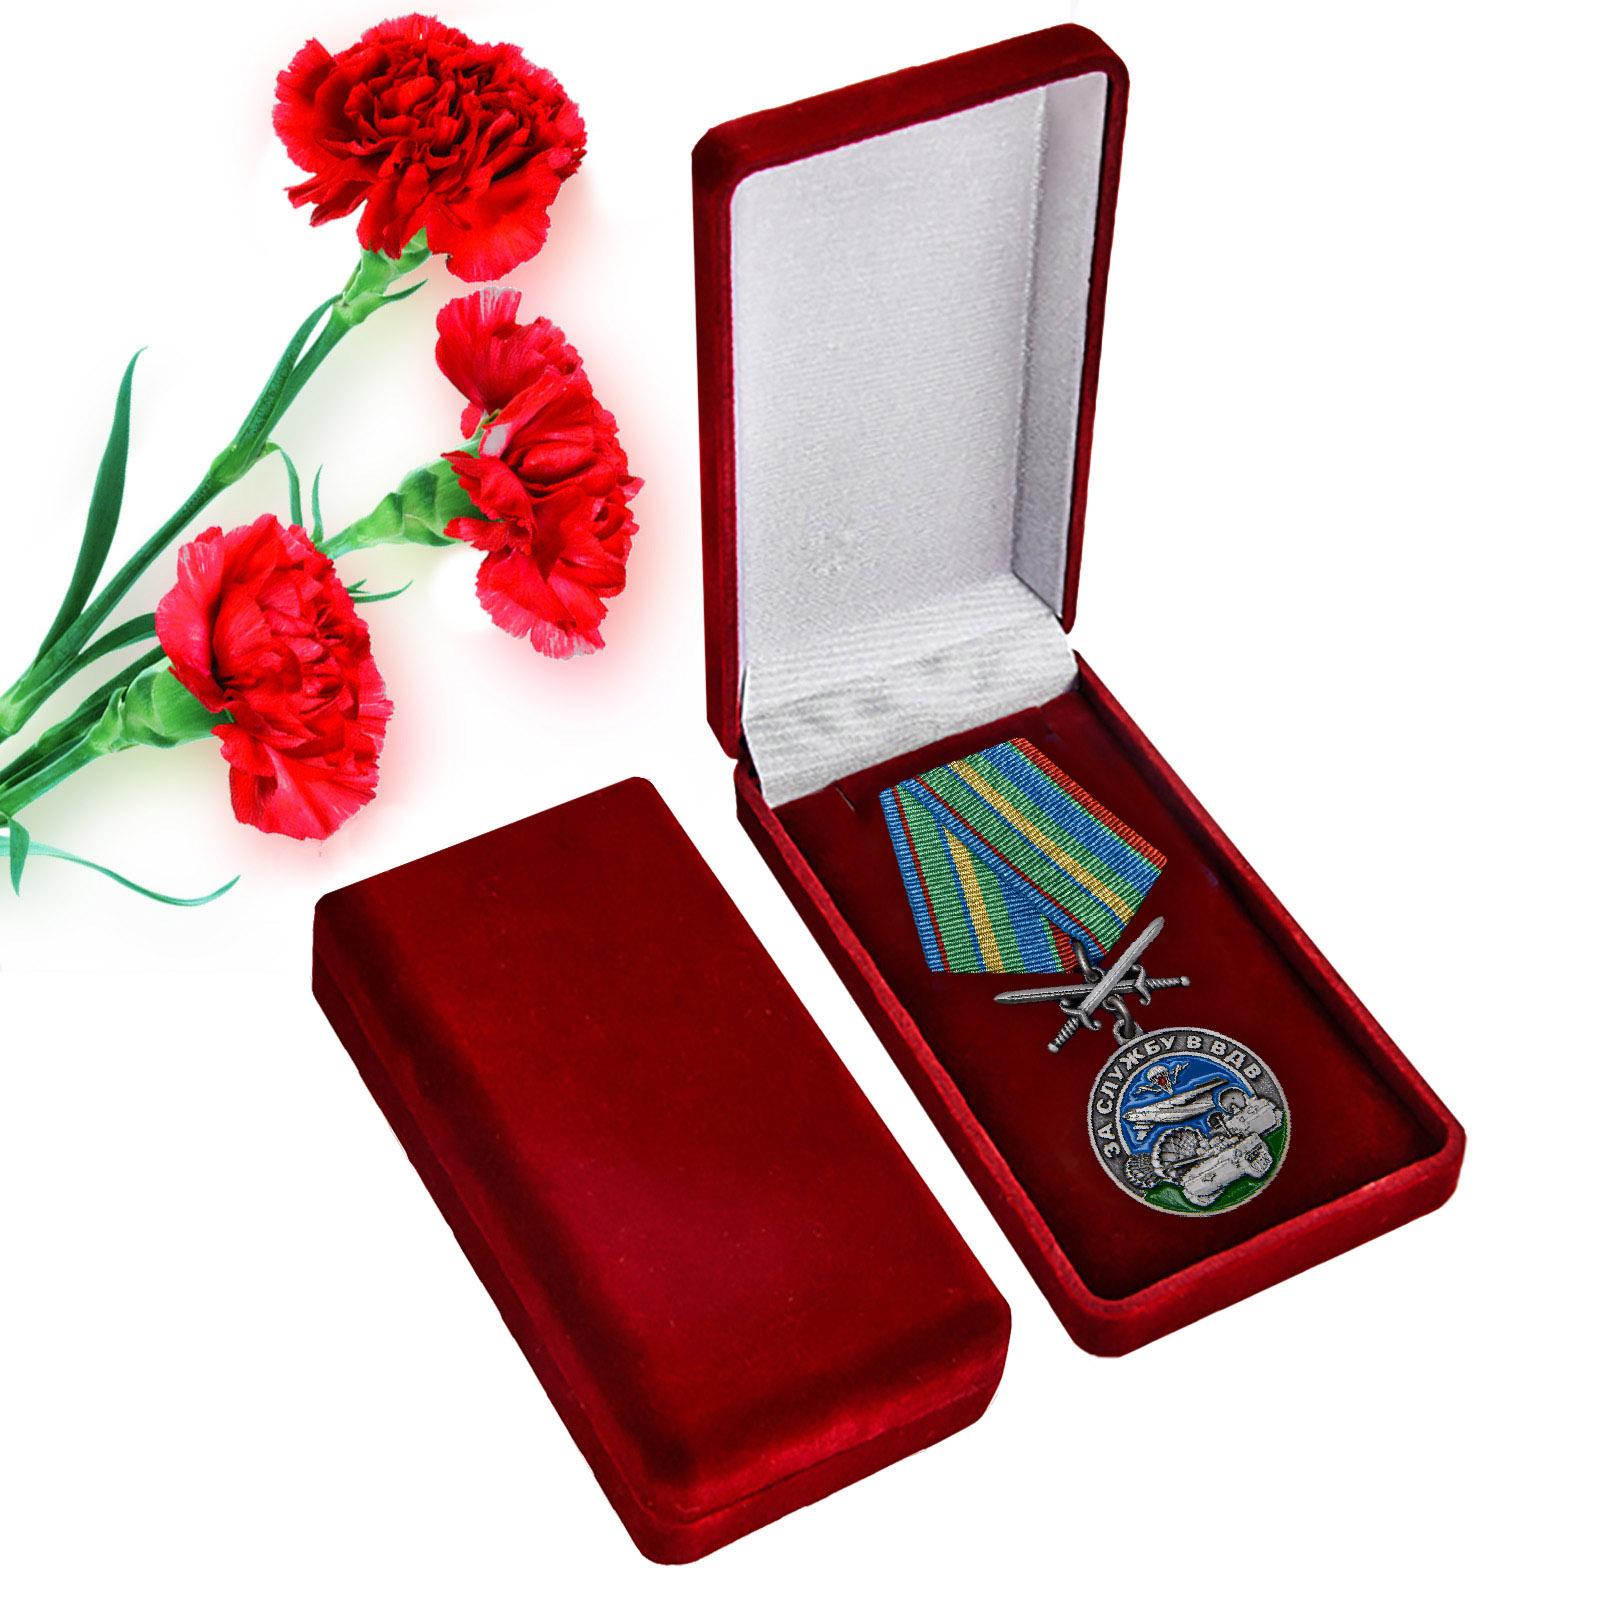 Купить медаль За службу в ВДВ по экономичной цене